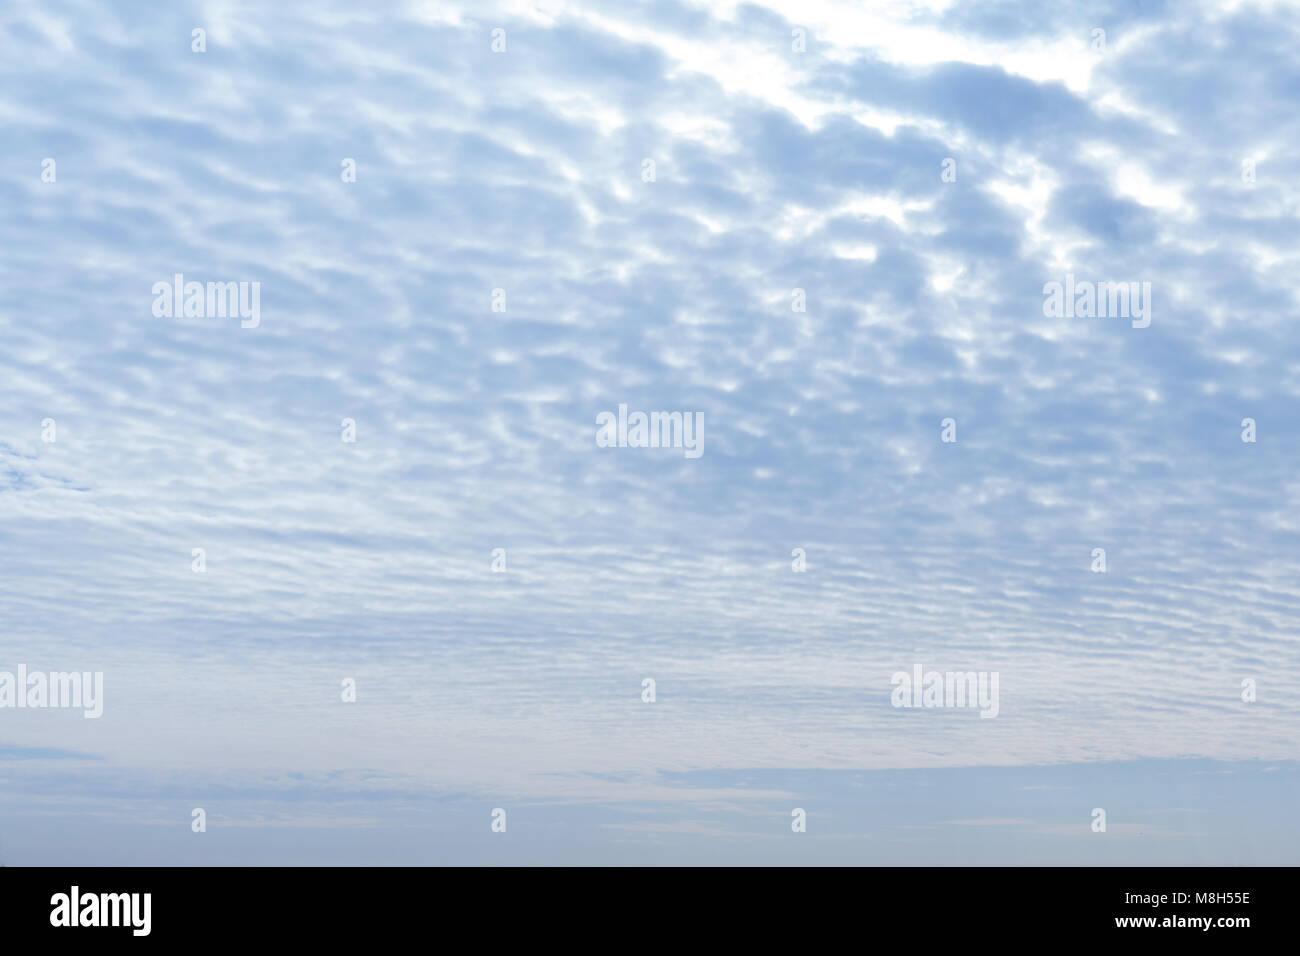 weiße flauschige Wolken am blauen Himmel Stockbild